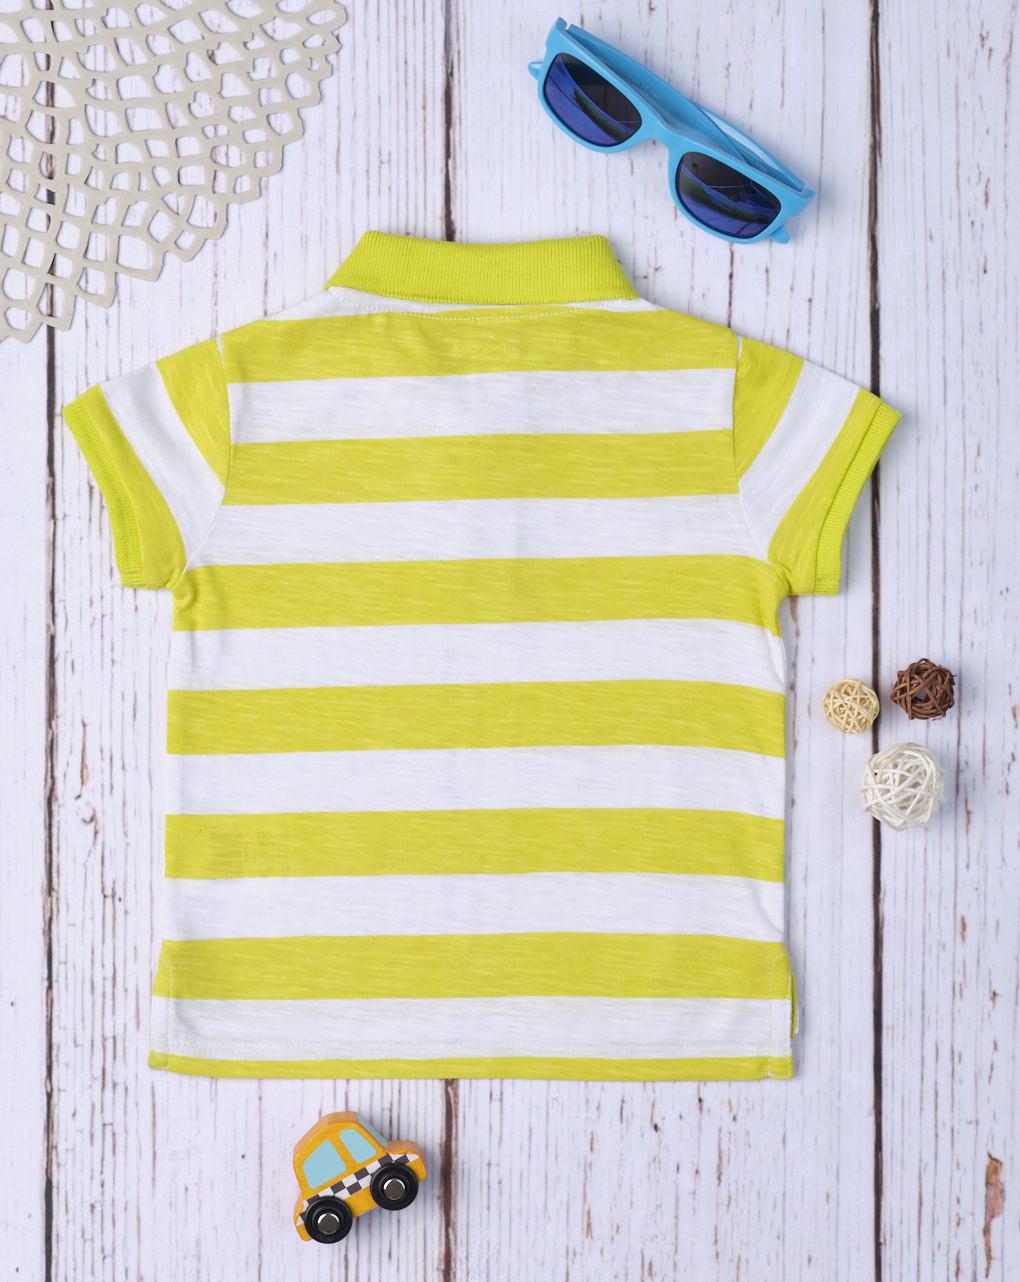 Camisa pólo listrada amarela de menino - Prénatal